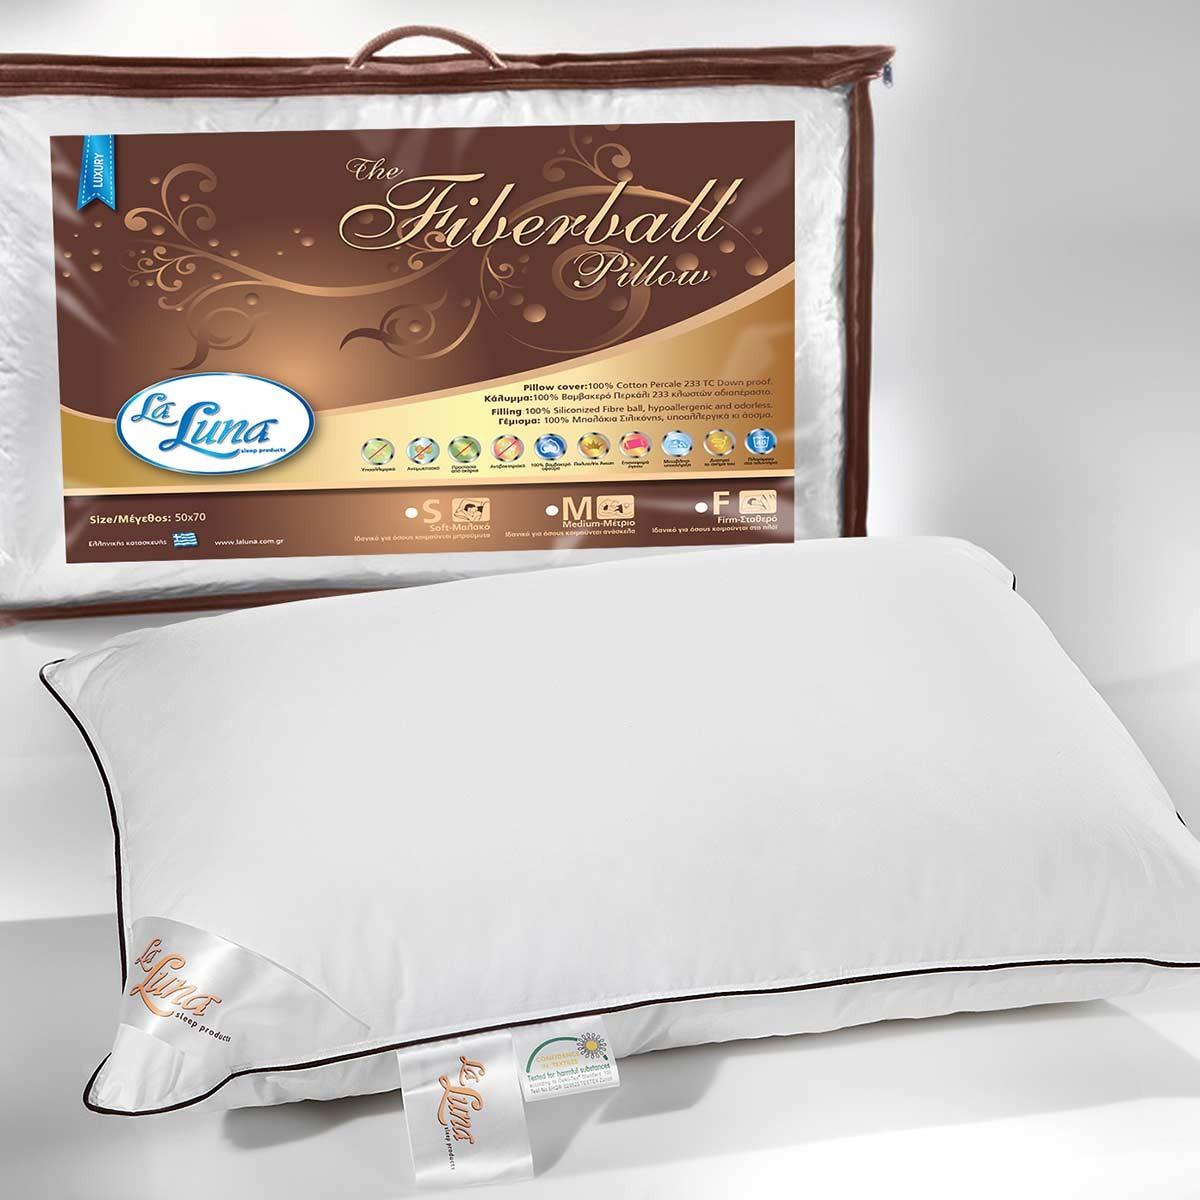 Μαξιλάρι Ύπνου La Luna Fiberball Soft home   κρεβατοκάμαρα   μαξιλάρια   μαξιλάρια ύπνου